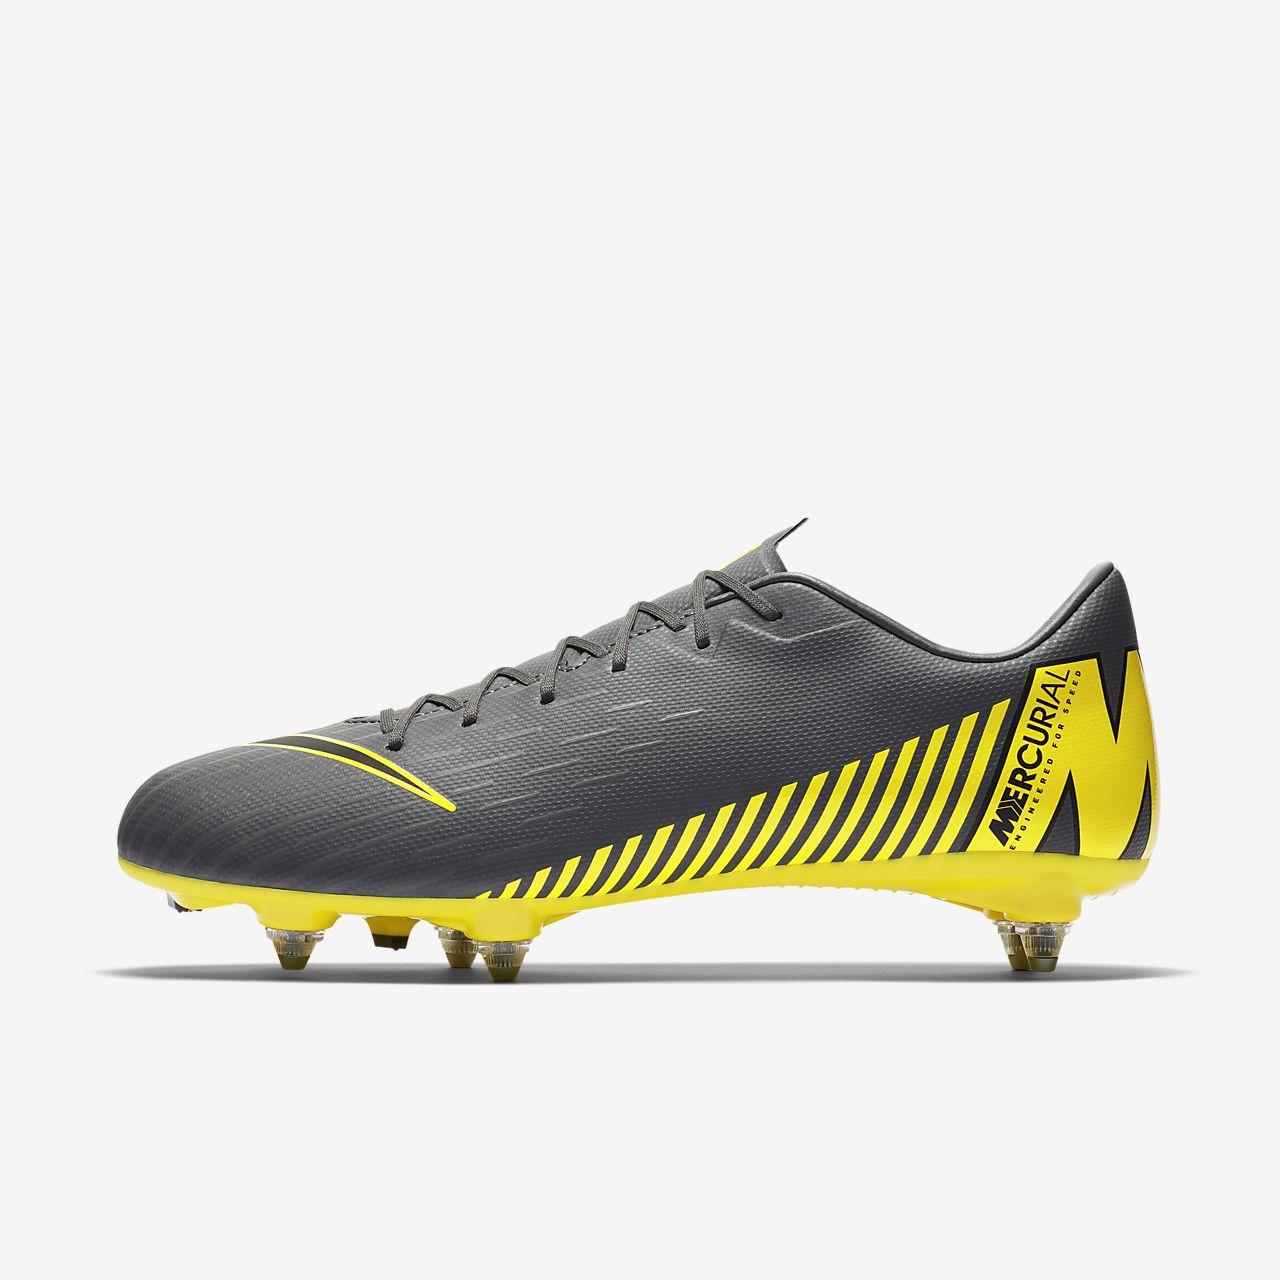 05733d9b3a234 ... Nike Mercurial Vapor XII Academy SG-PRO Botas de fútbol para terreno  blando